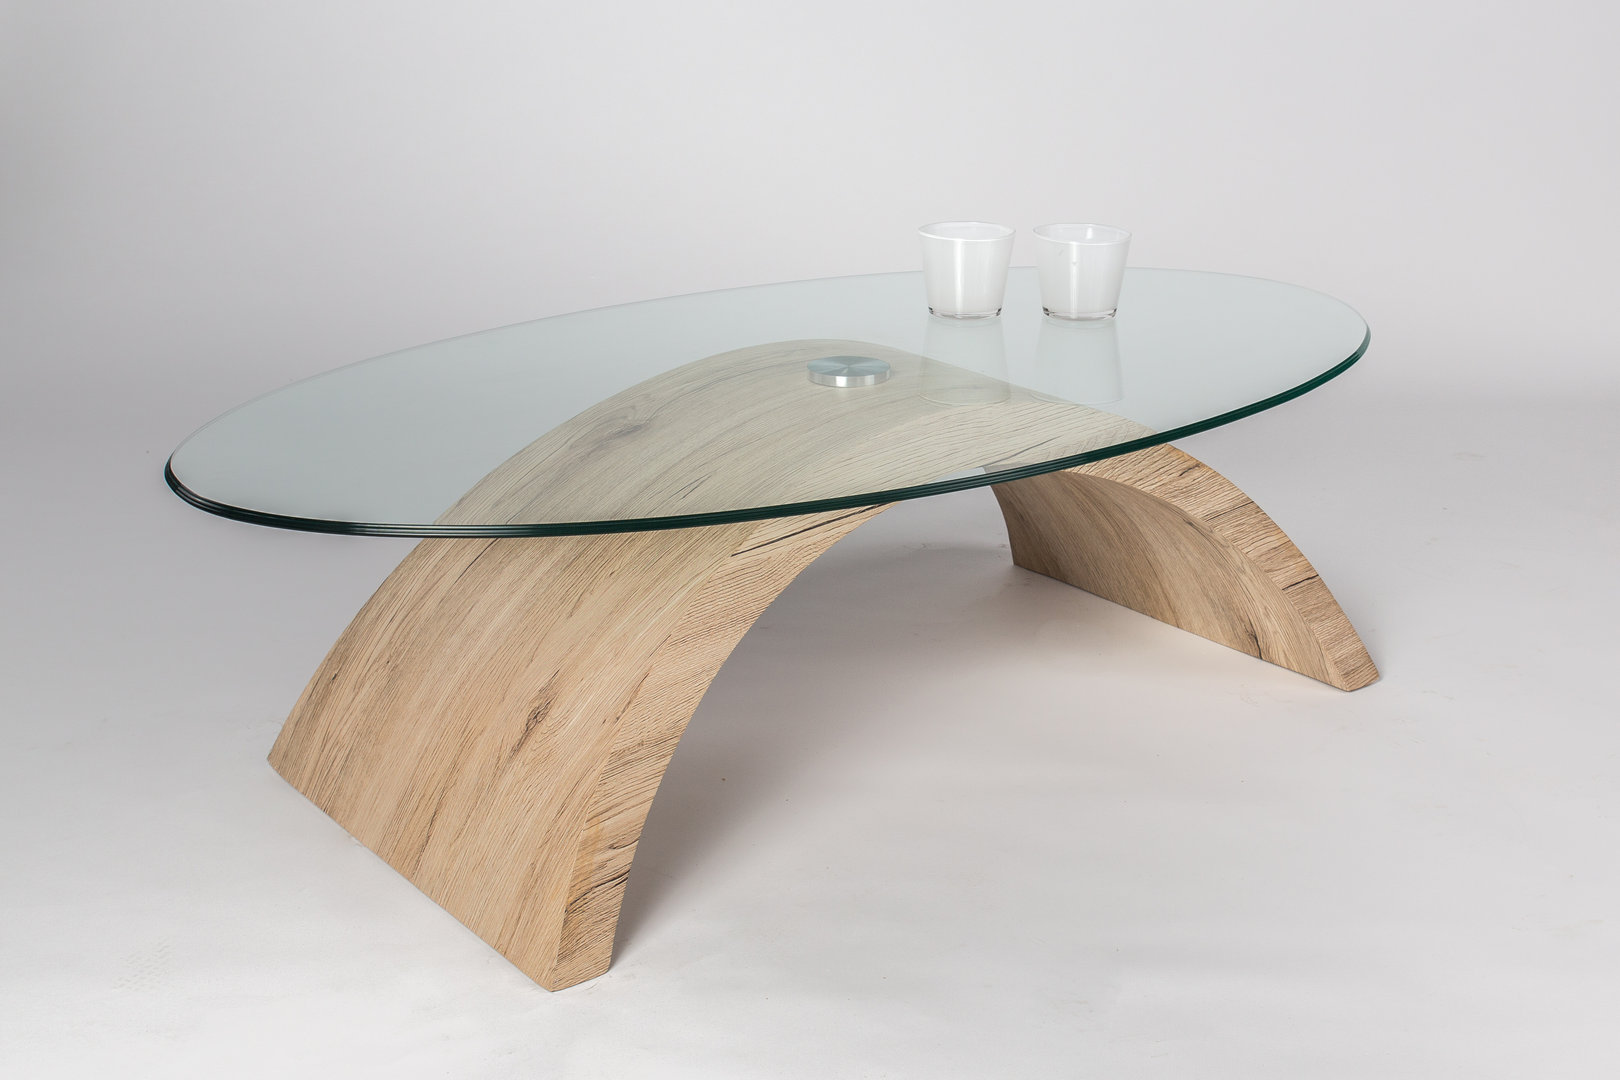 Tavolino Otto con ripiano in vetro, tavolo da caffè moderno di design